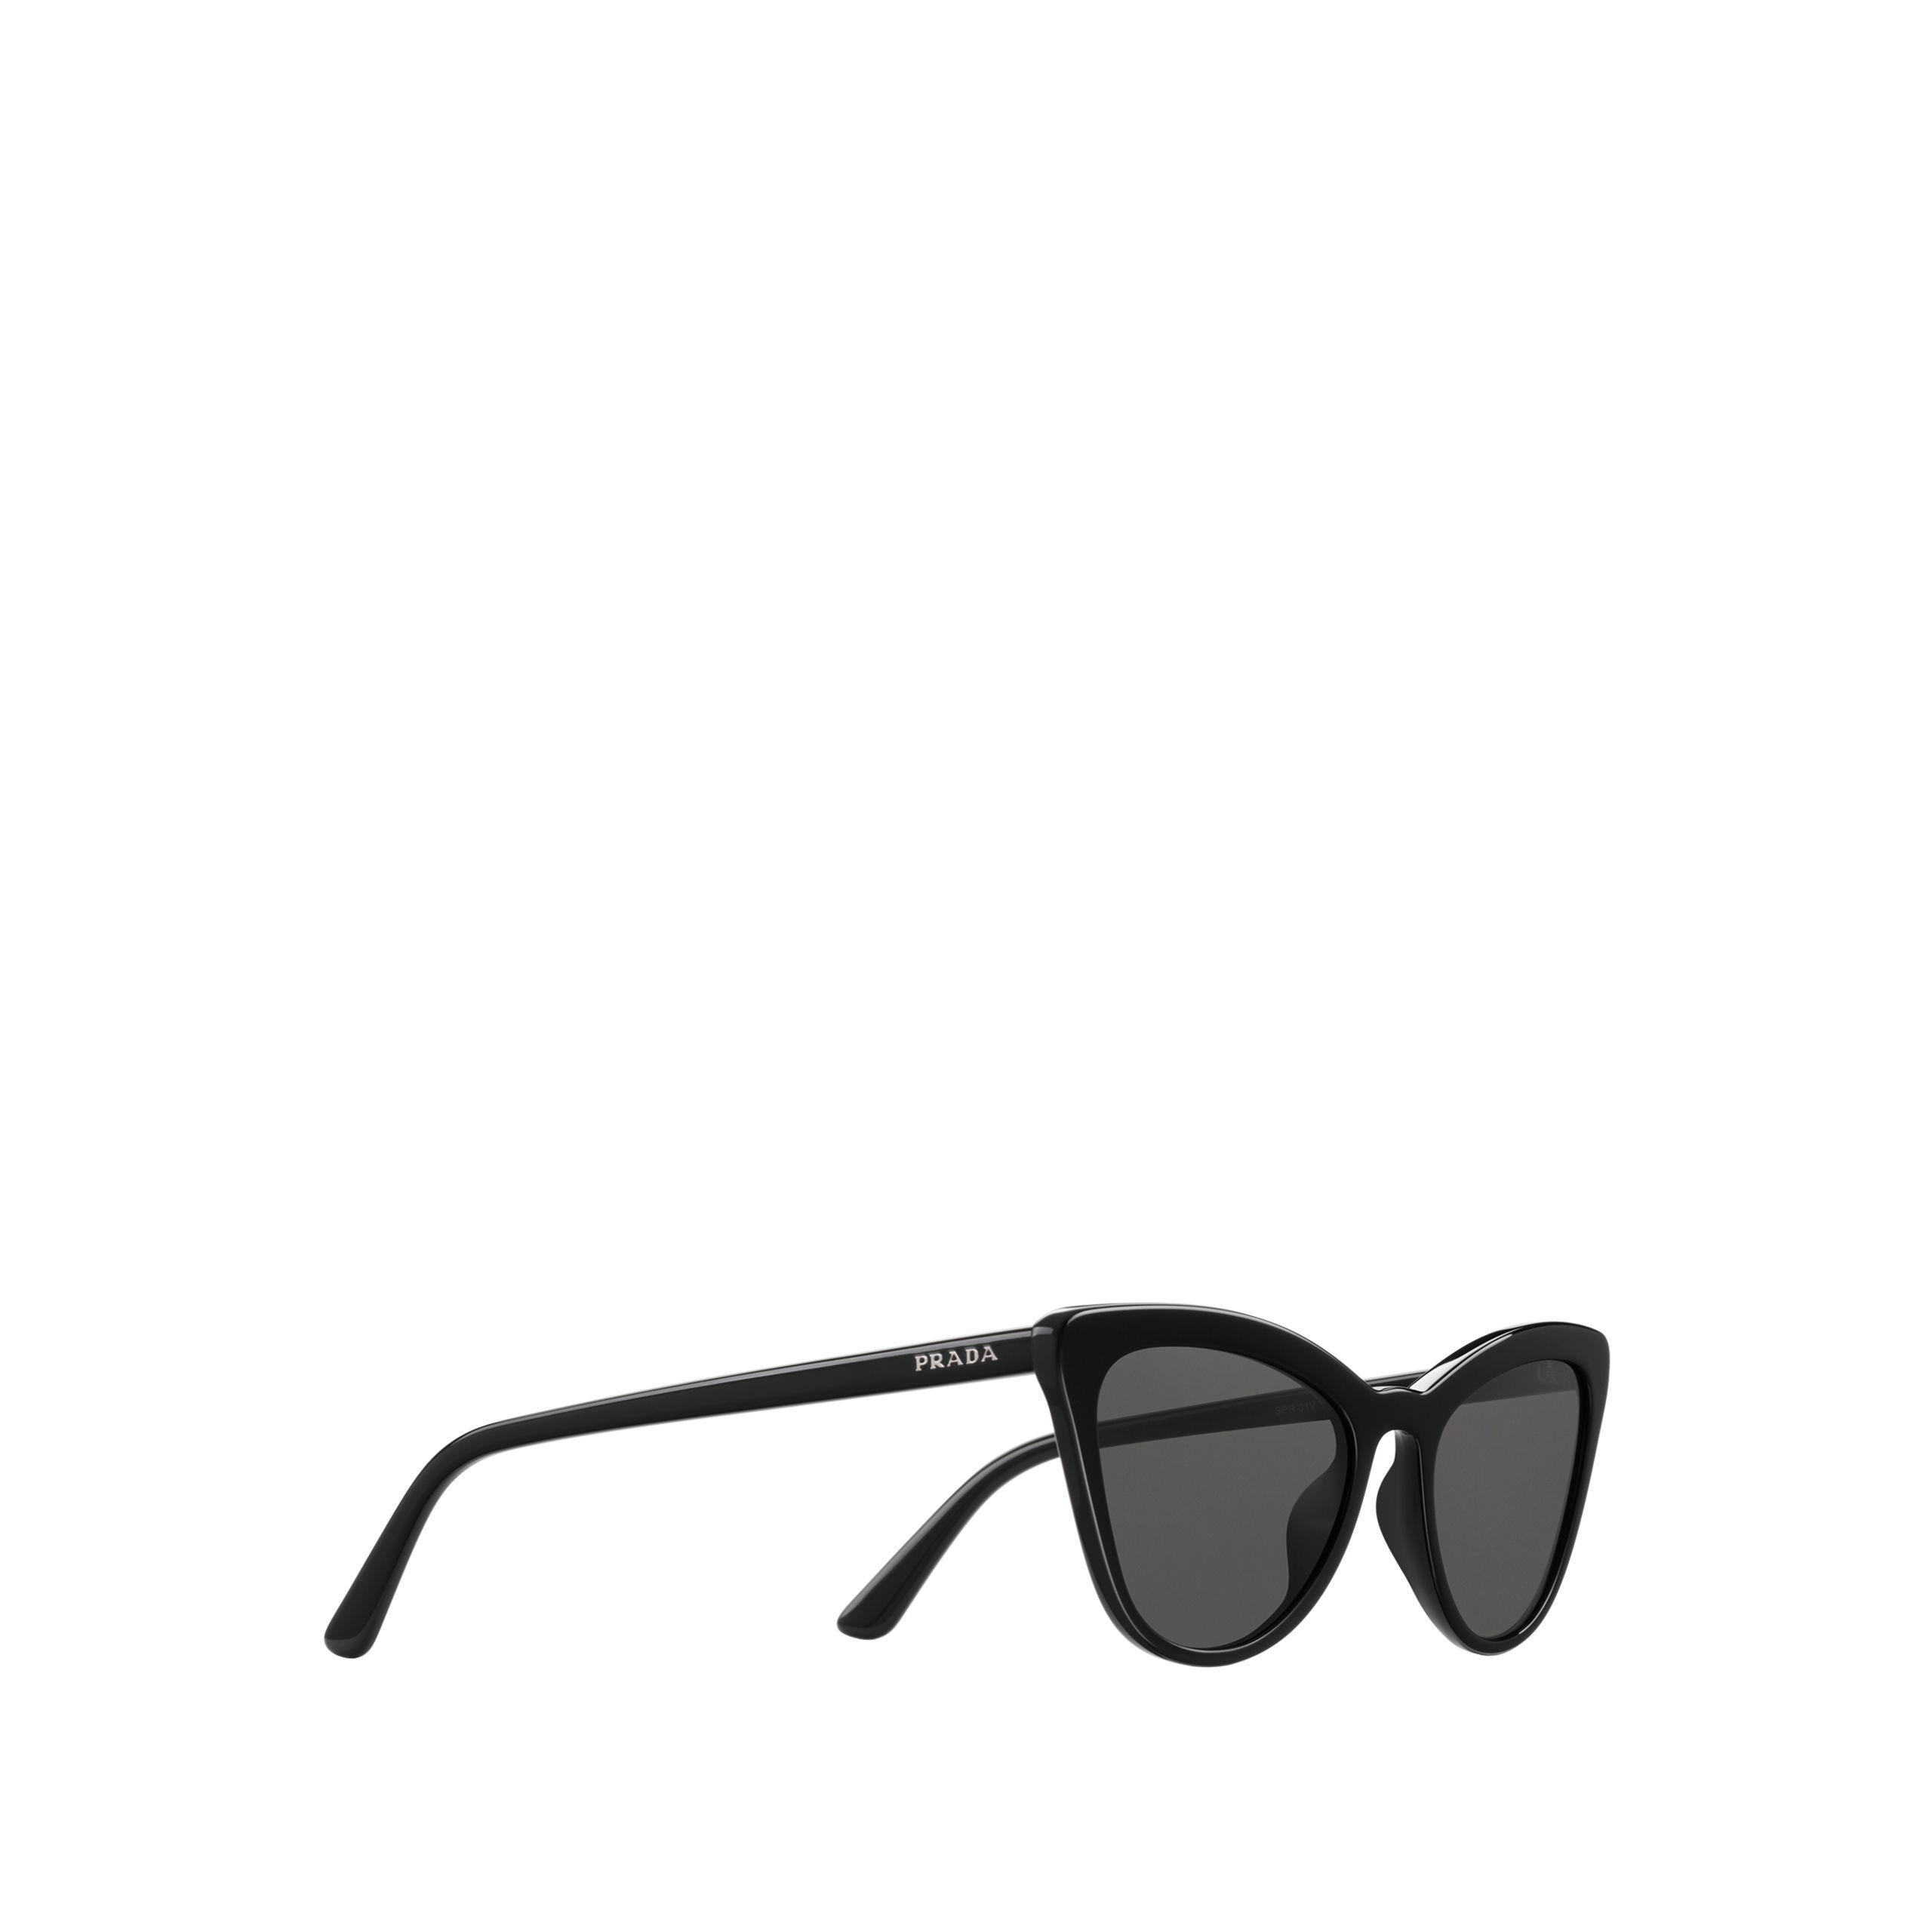 47fc7f1ab Prada - Black Ultravox Sunglasses Alternative Fit - Lyst. View fullscreen